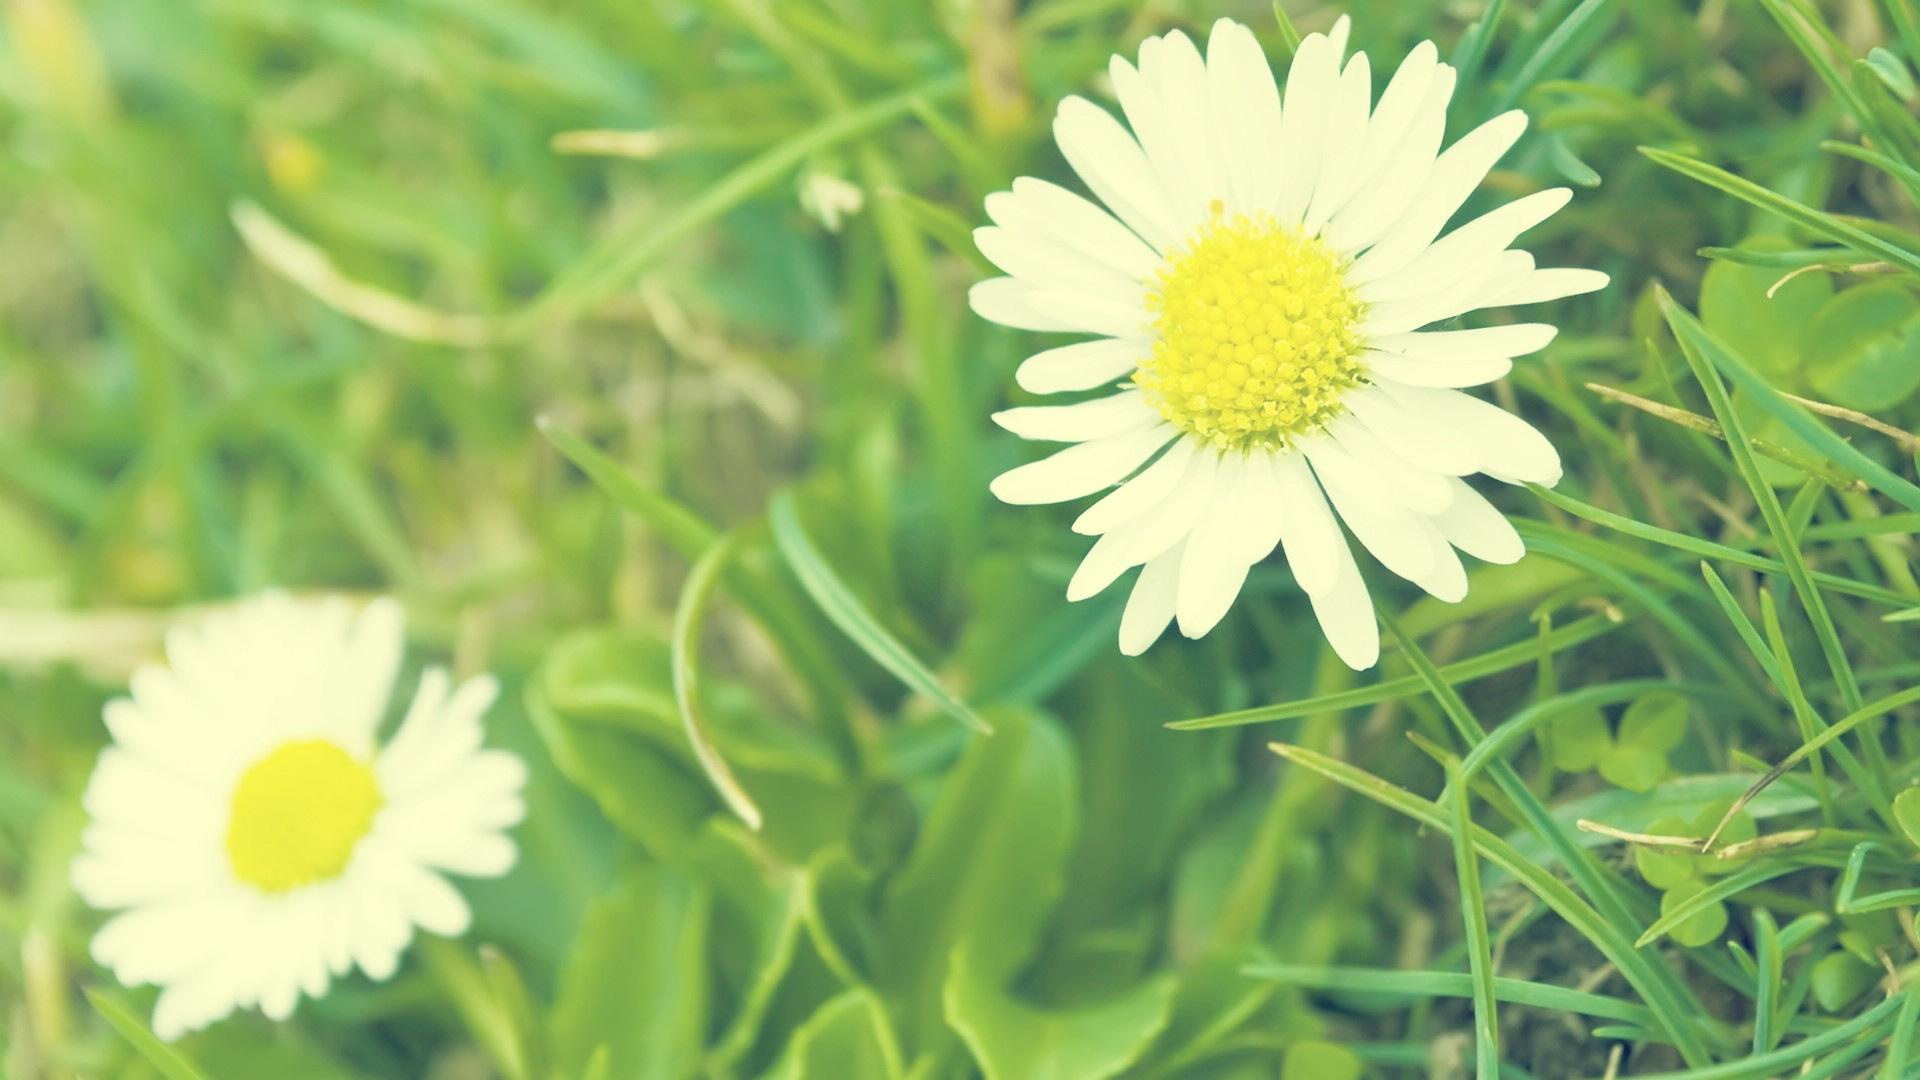 ... Daisy Wallpaper · Daisy Wallpaper